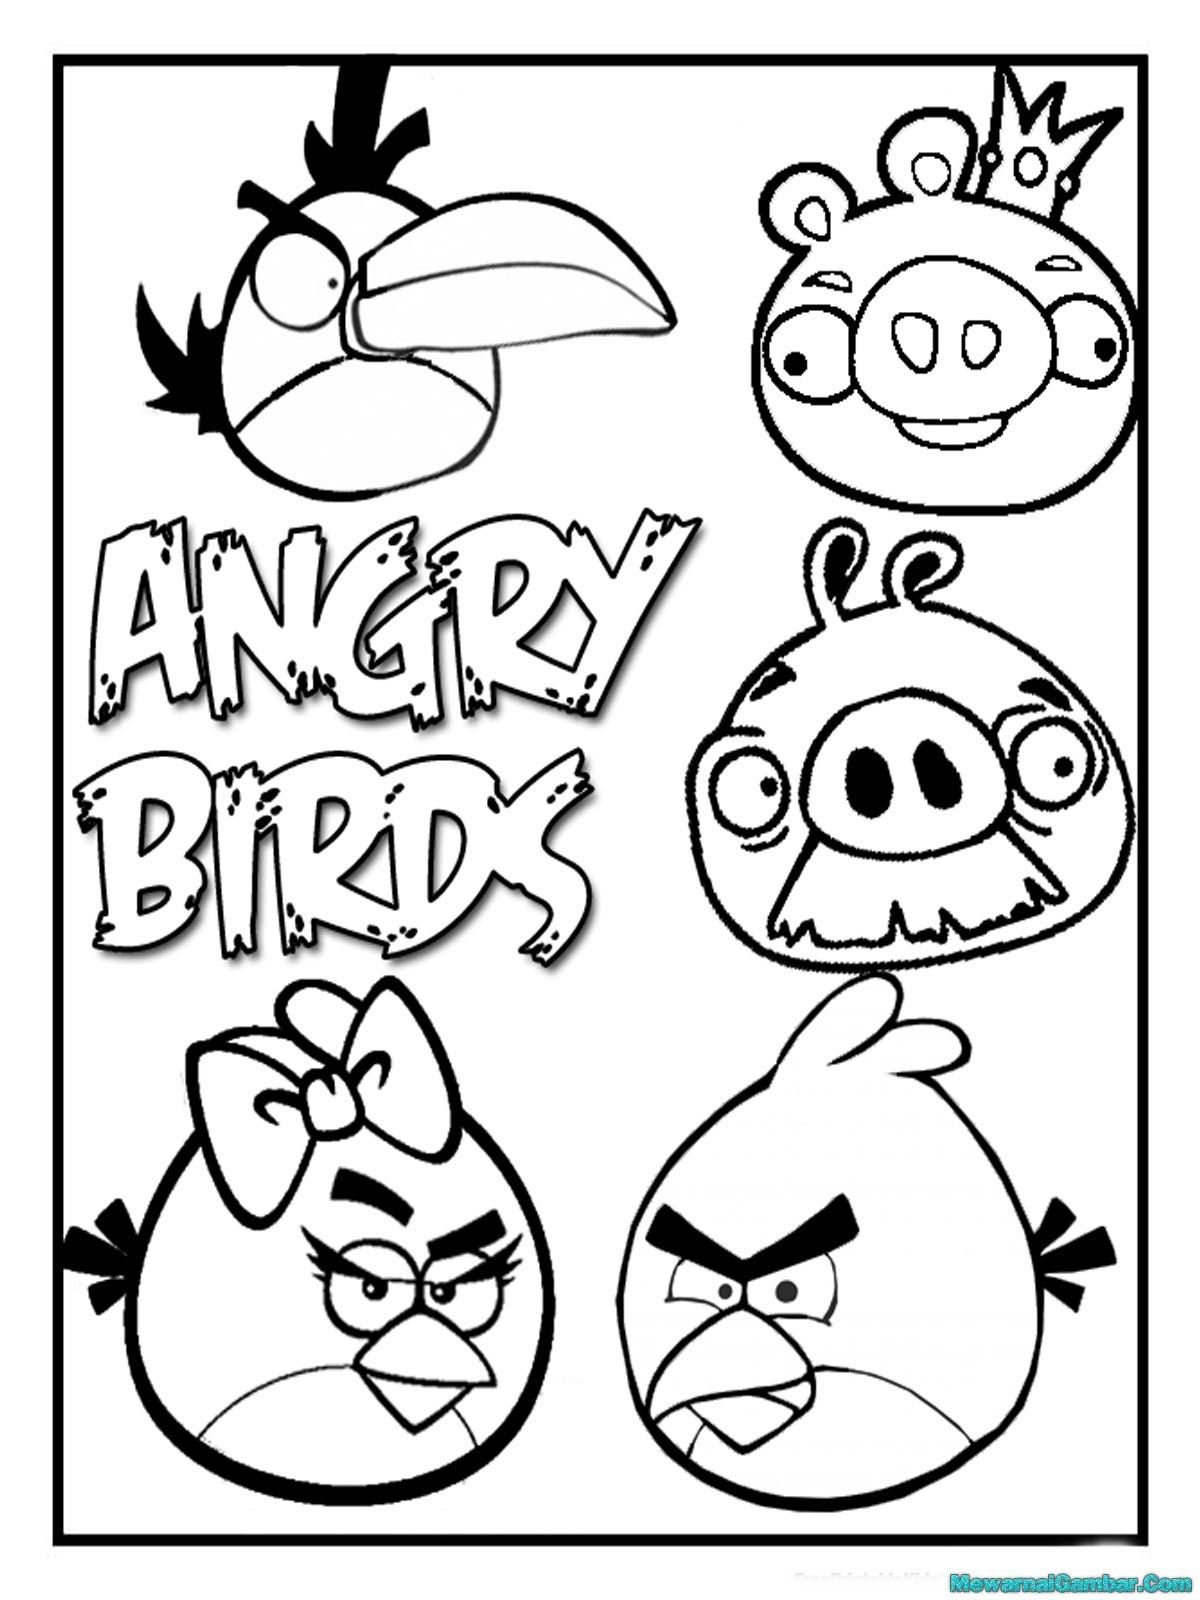 Mewarnai Gambar Angry Bird